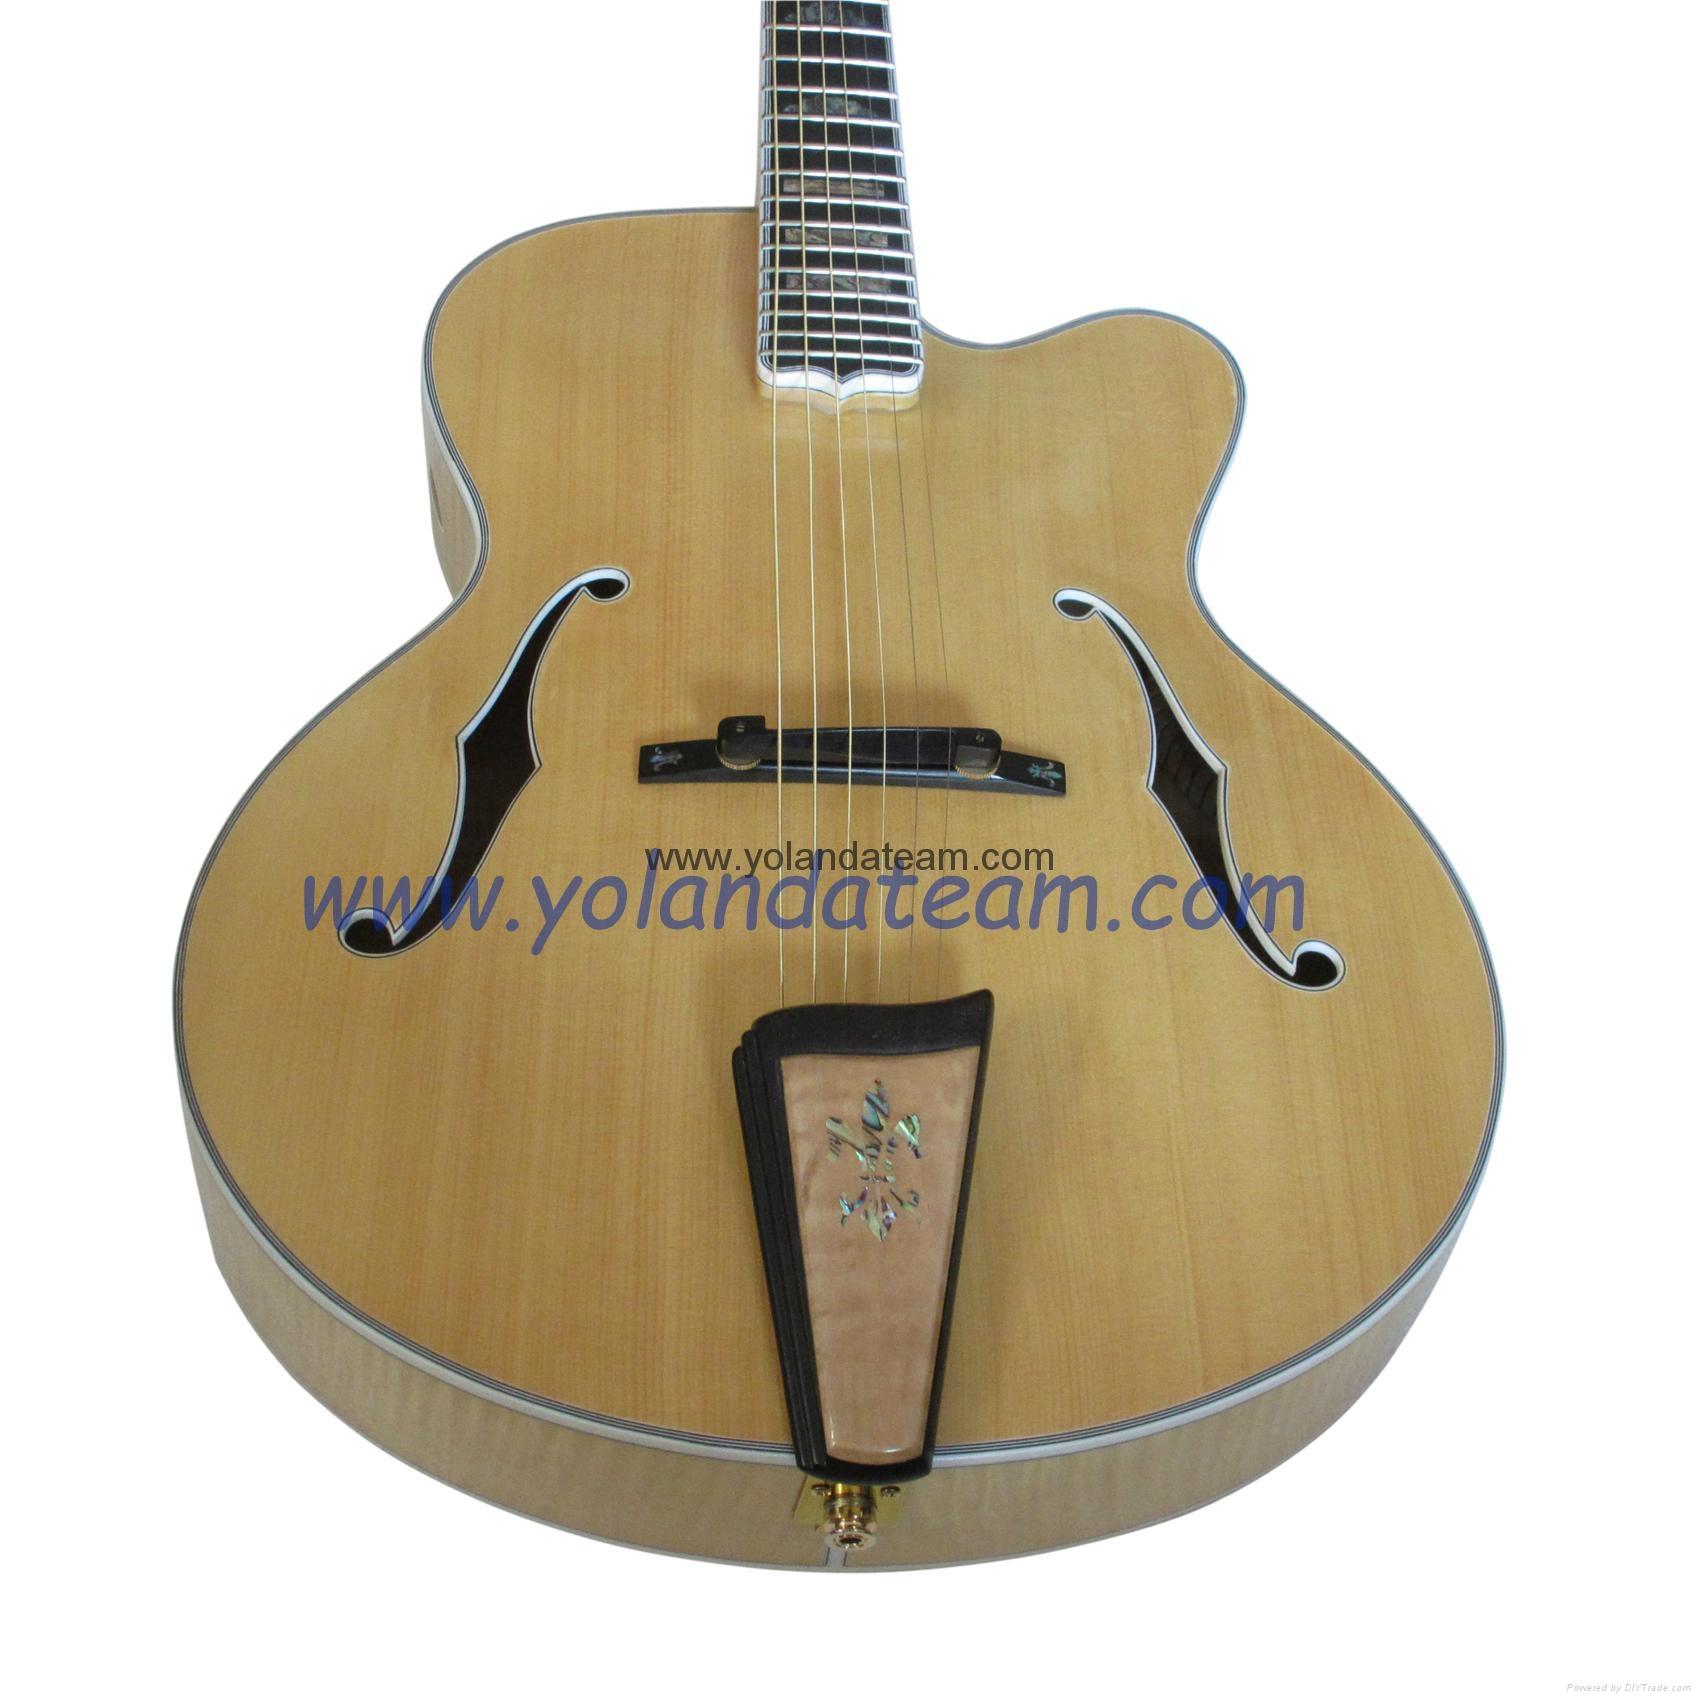 17寸手工吉他 7